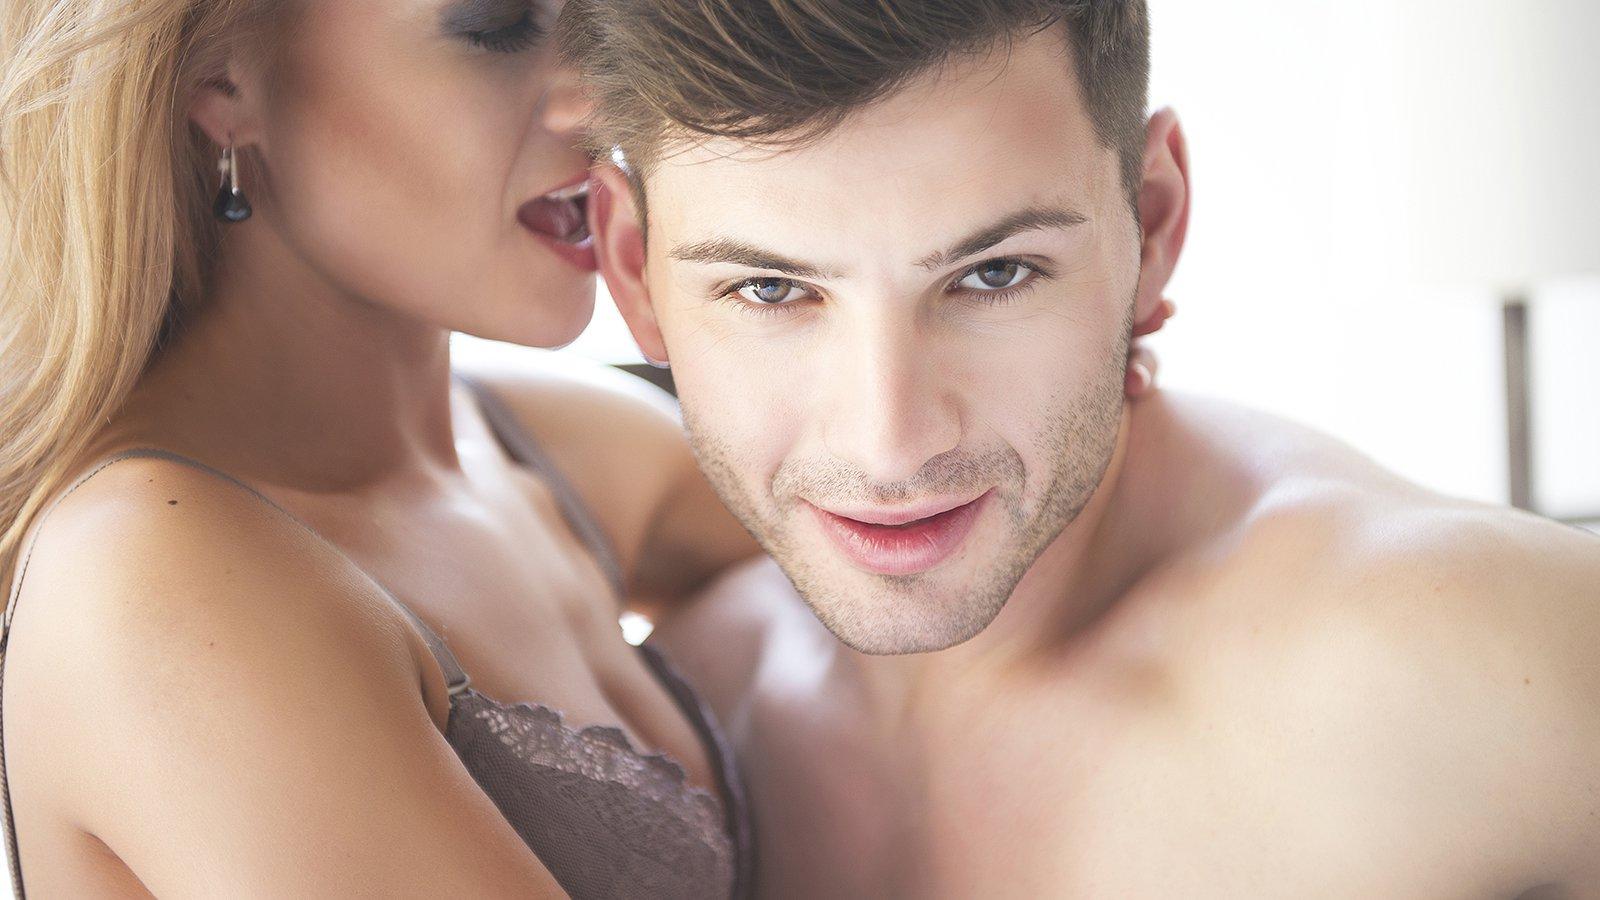 tcm steigerung der sexuellen lust der frauen